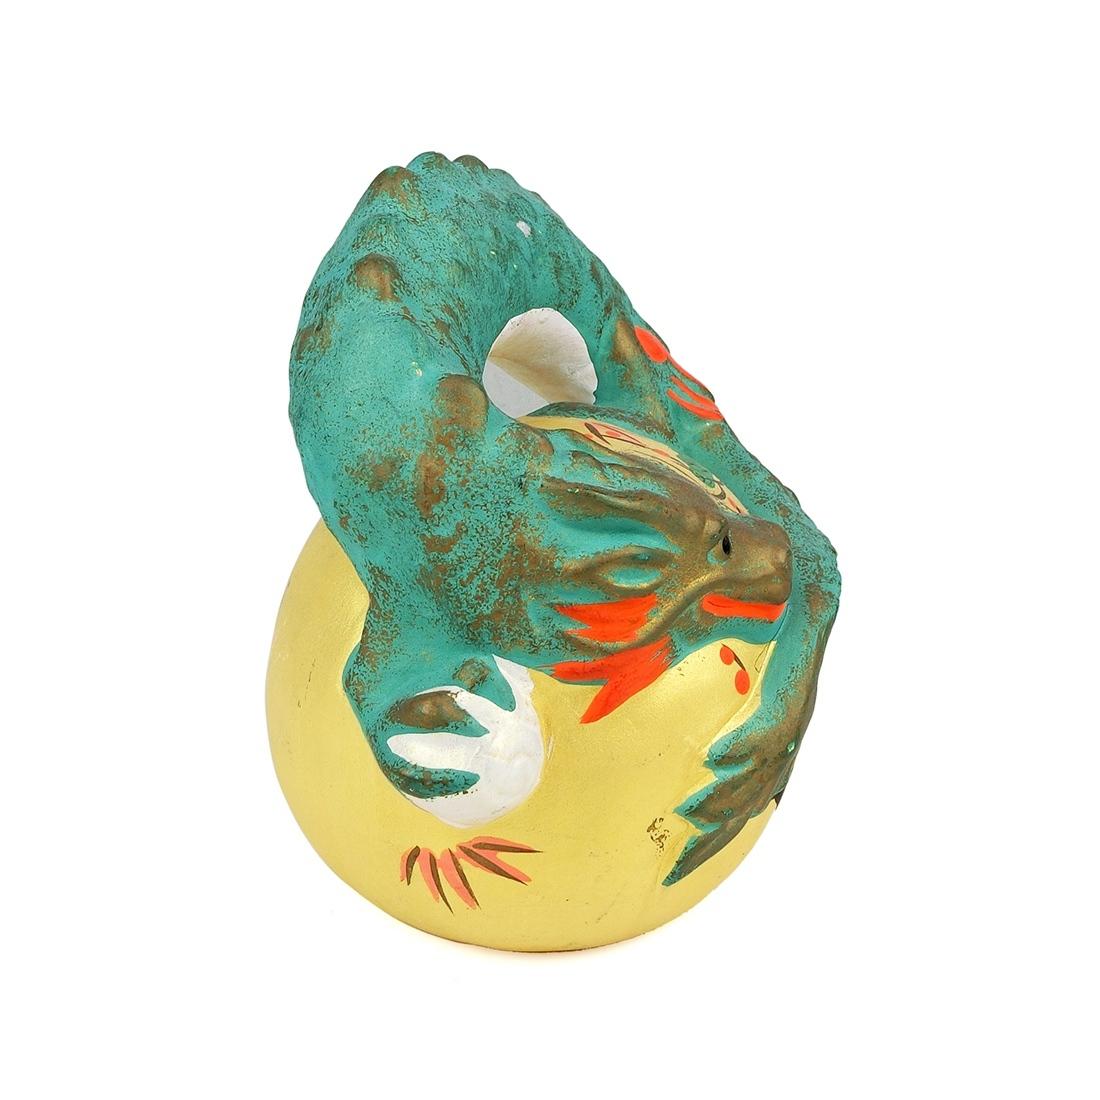 Tượng Rồng Gốm Vẽ Tay Vẽ Vàng Có Triện - Nhật - 9 x 12.5 cm - 522720